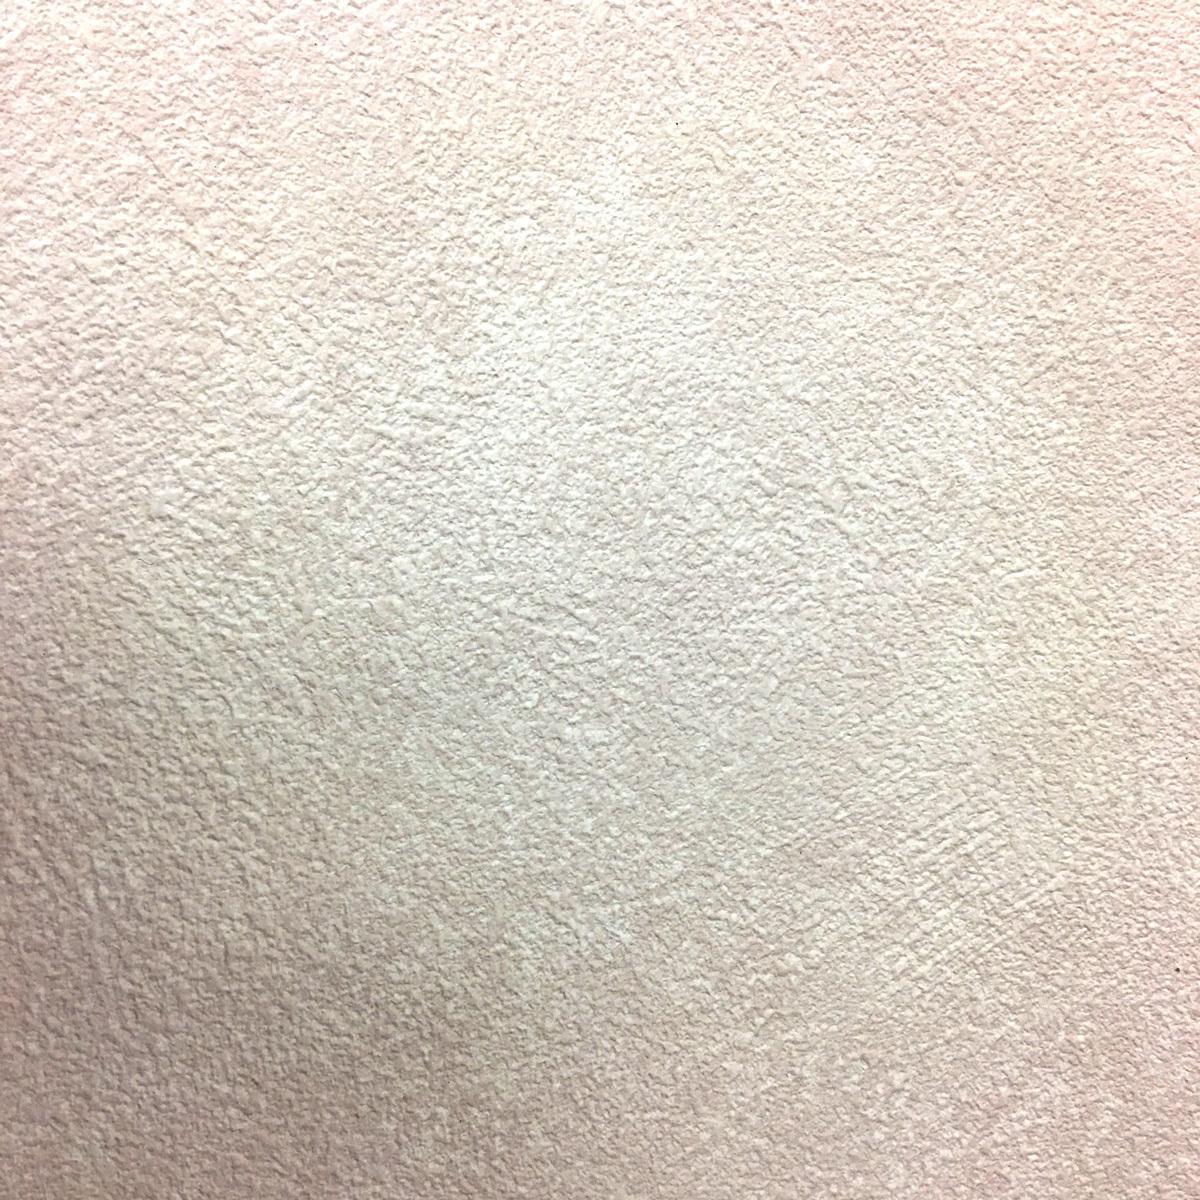 【サンゲツアウトレット】ピンク系壁紙クロスRE8197 廃番処分品【50m】不燃認定 表面強化 ウレタンコート【アクセント壁】【店舗】【DIY_画像7